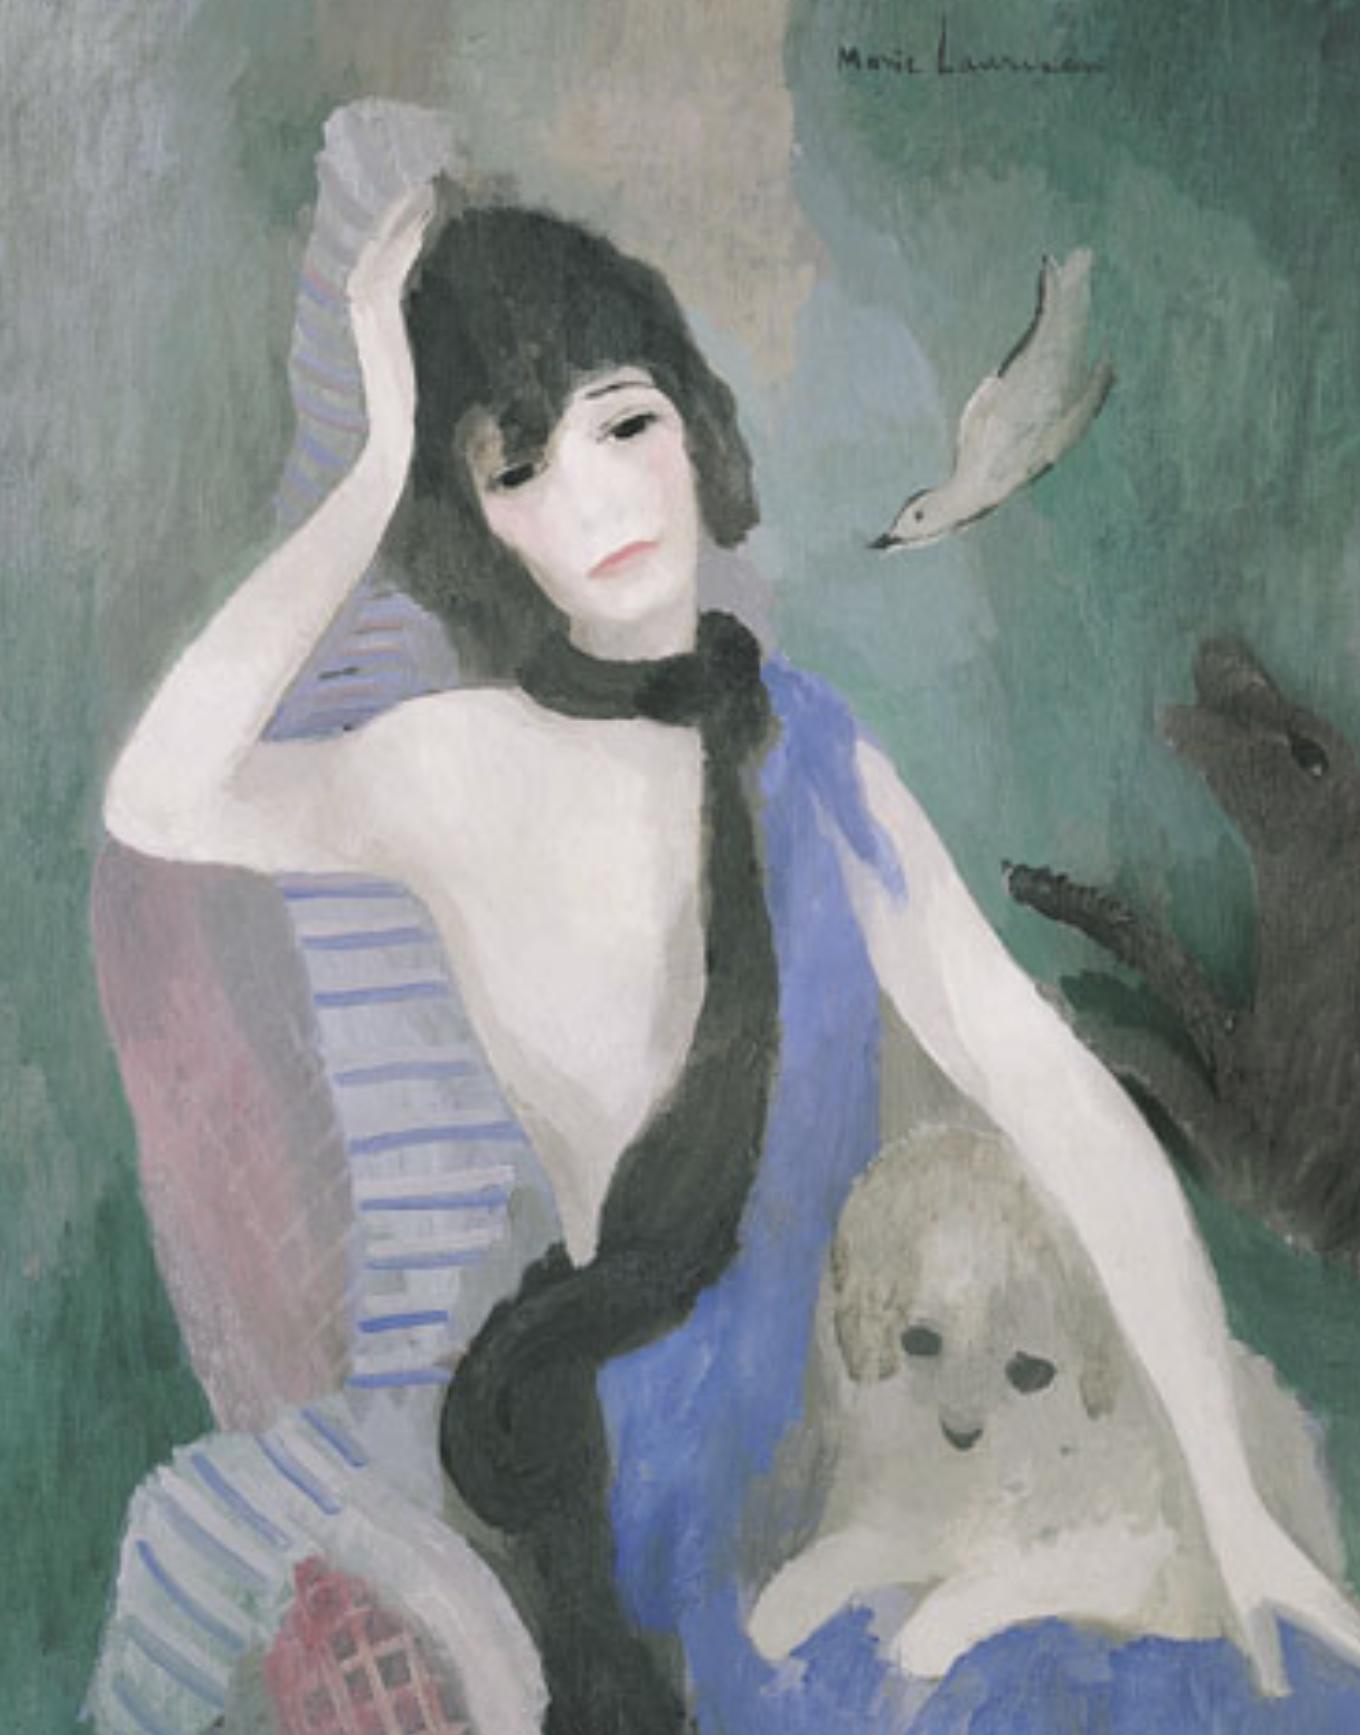 마리 로랑생의 대표적 작품 ' 코코 샤넬의 초상화'.jpg